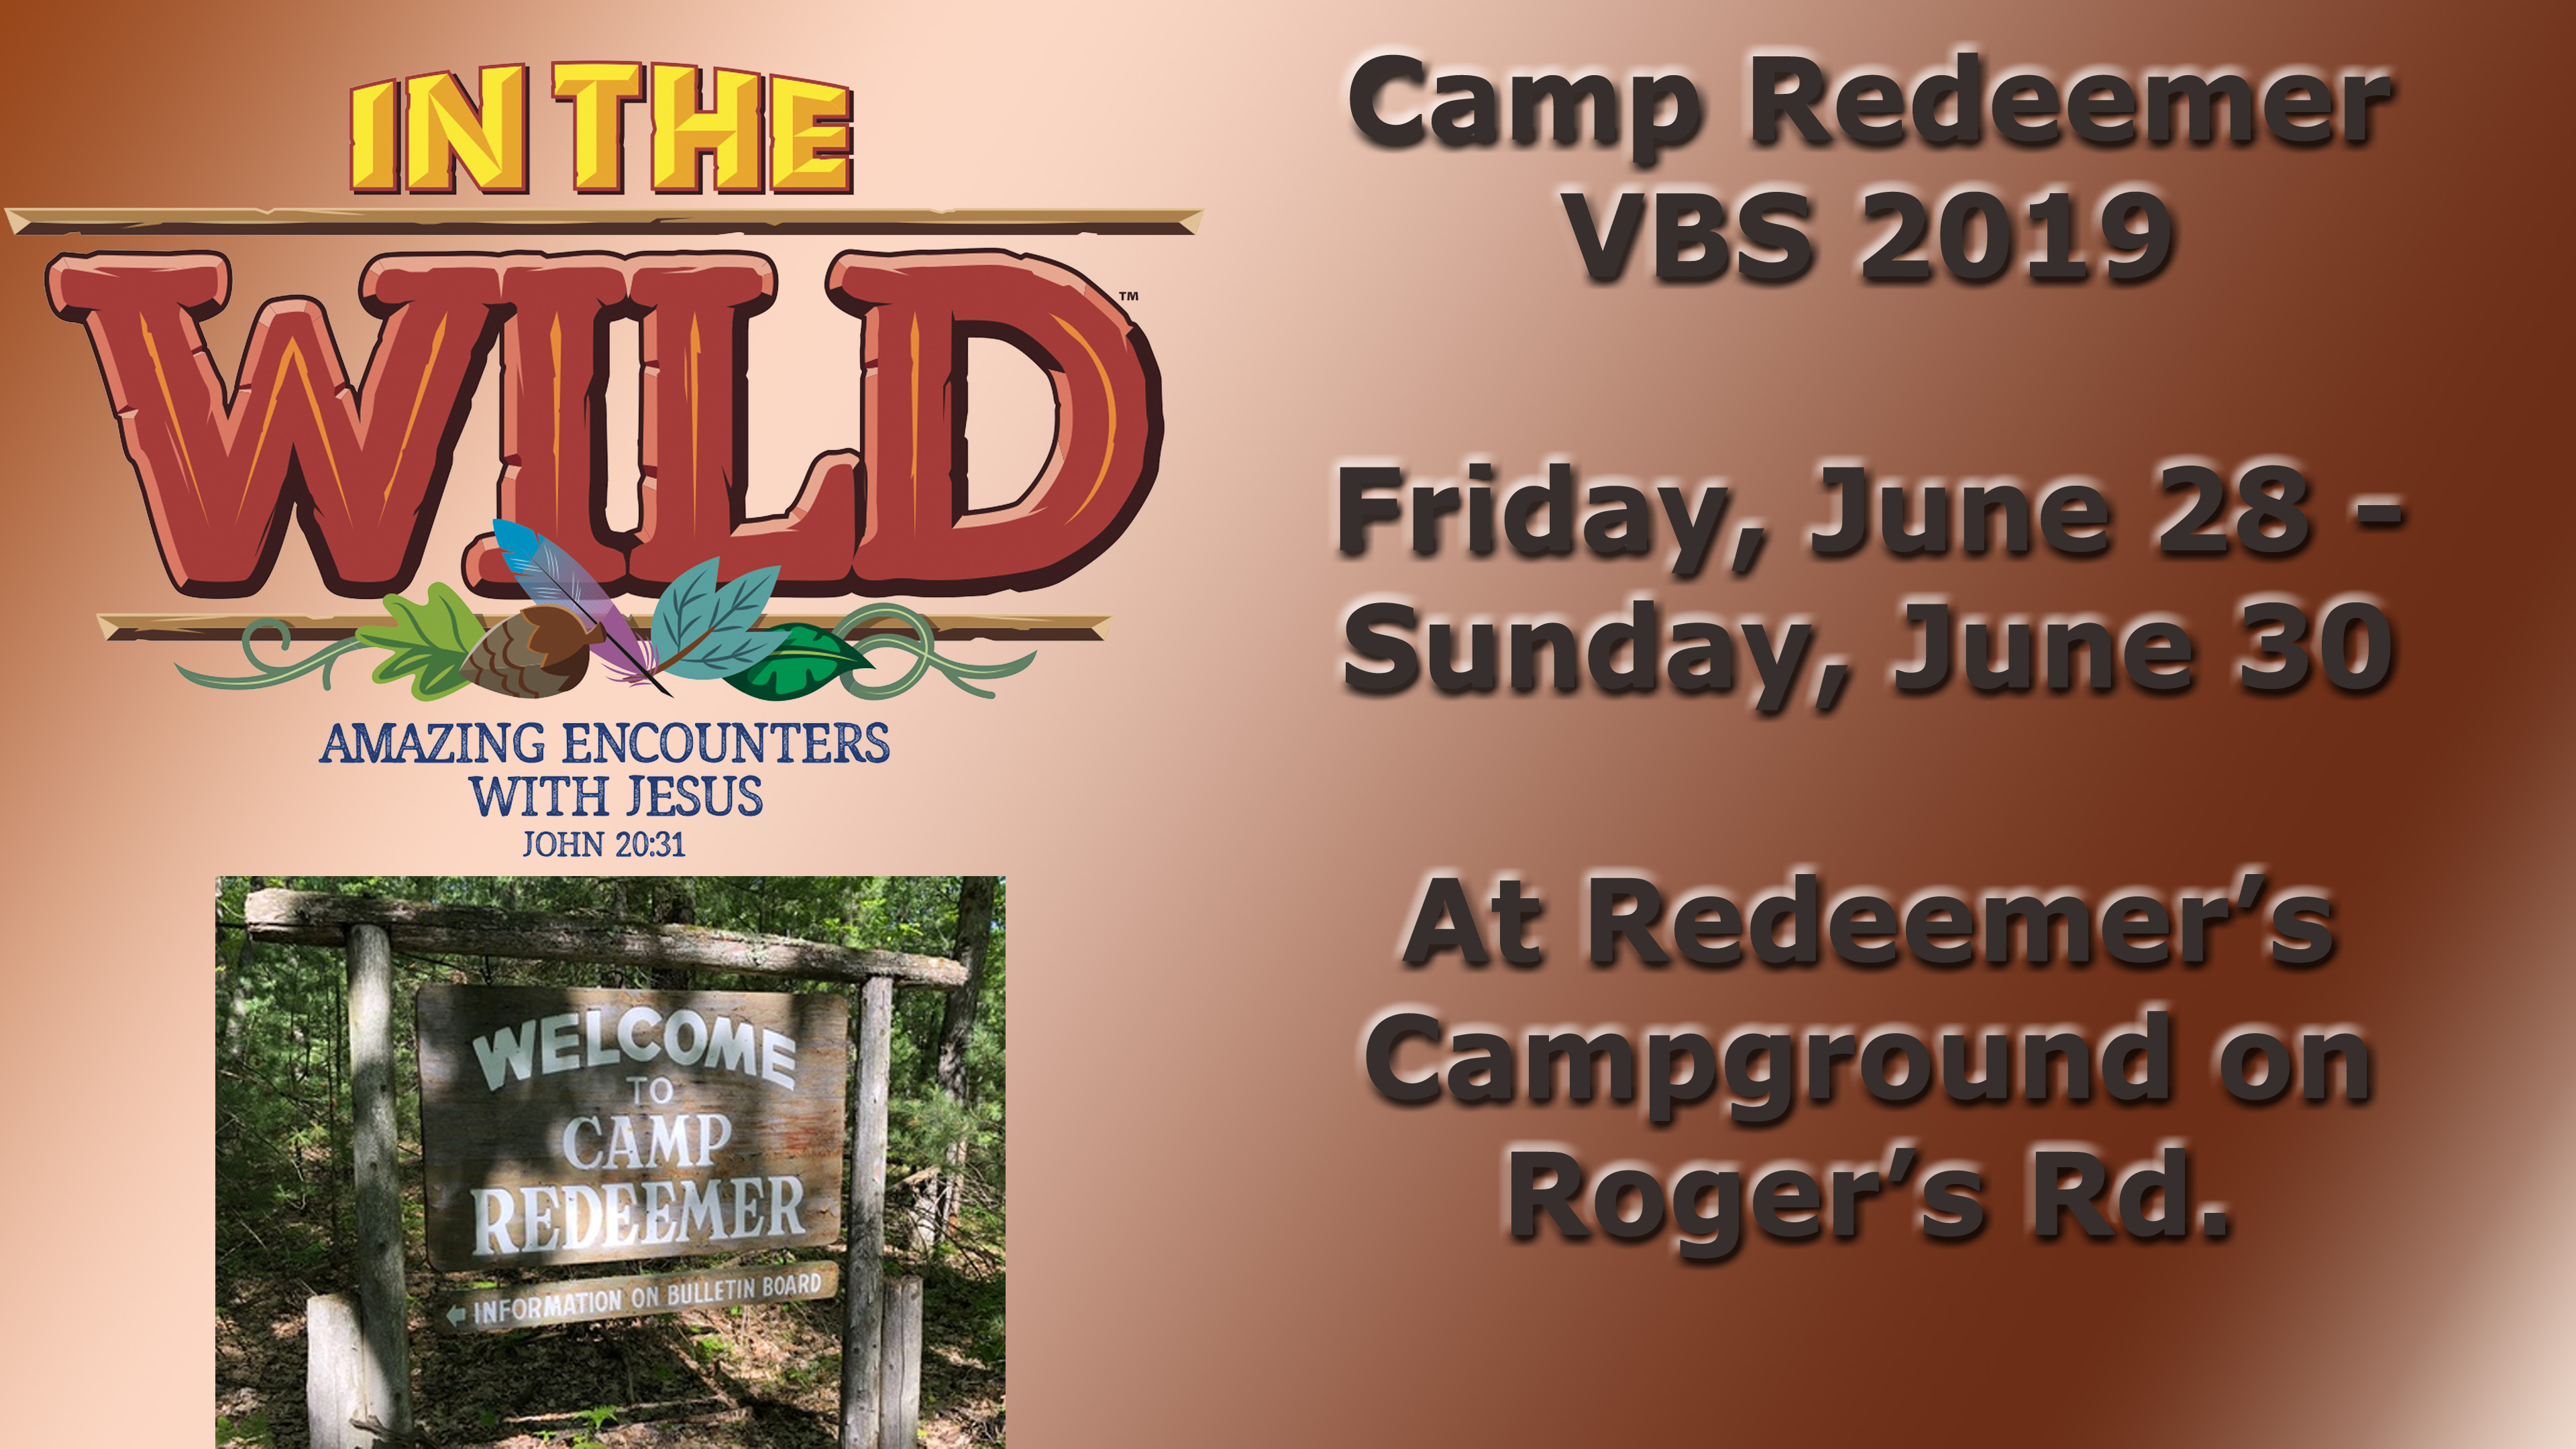 Camp Redeemer VBS